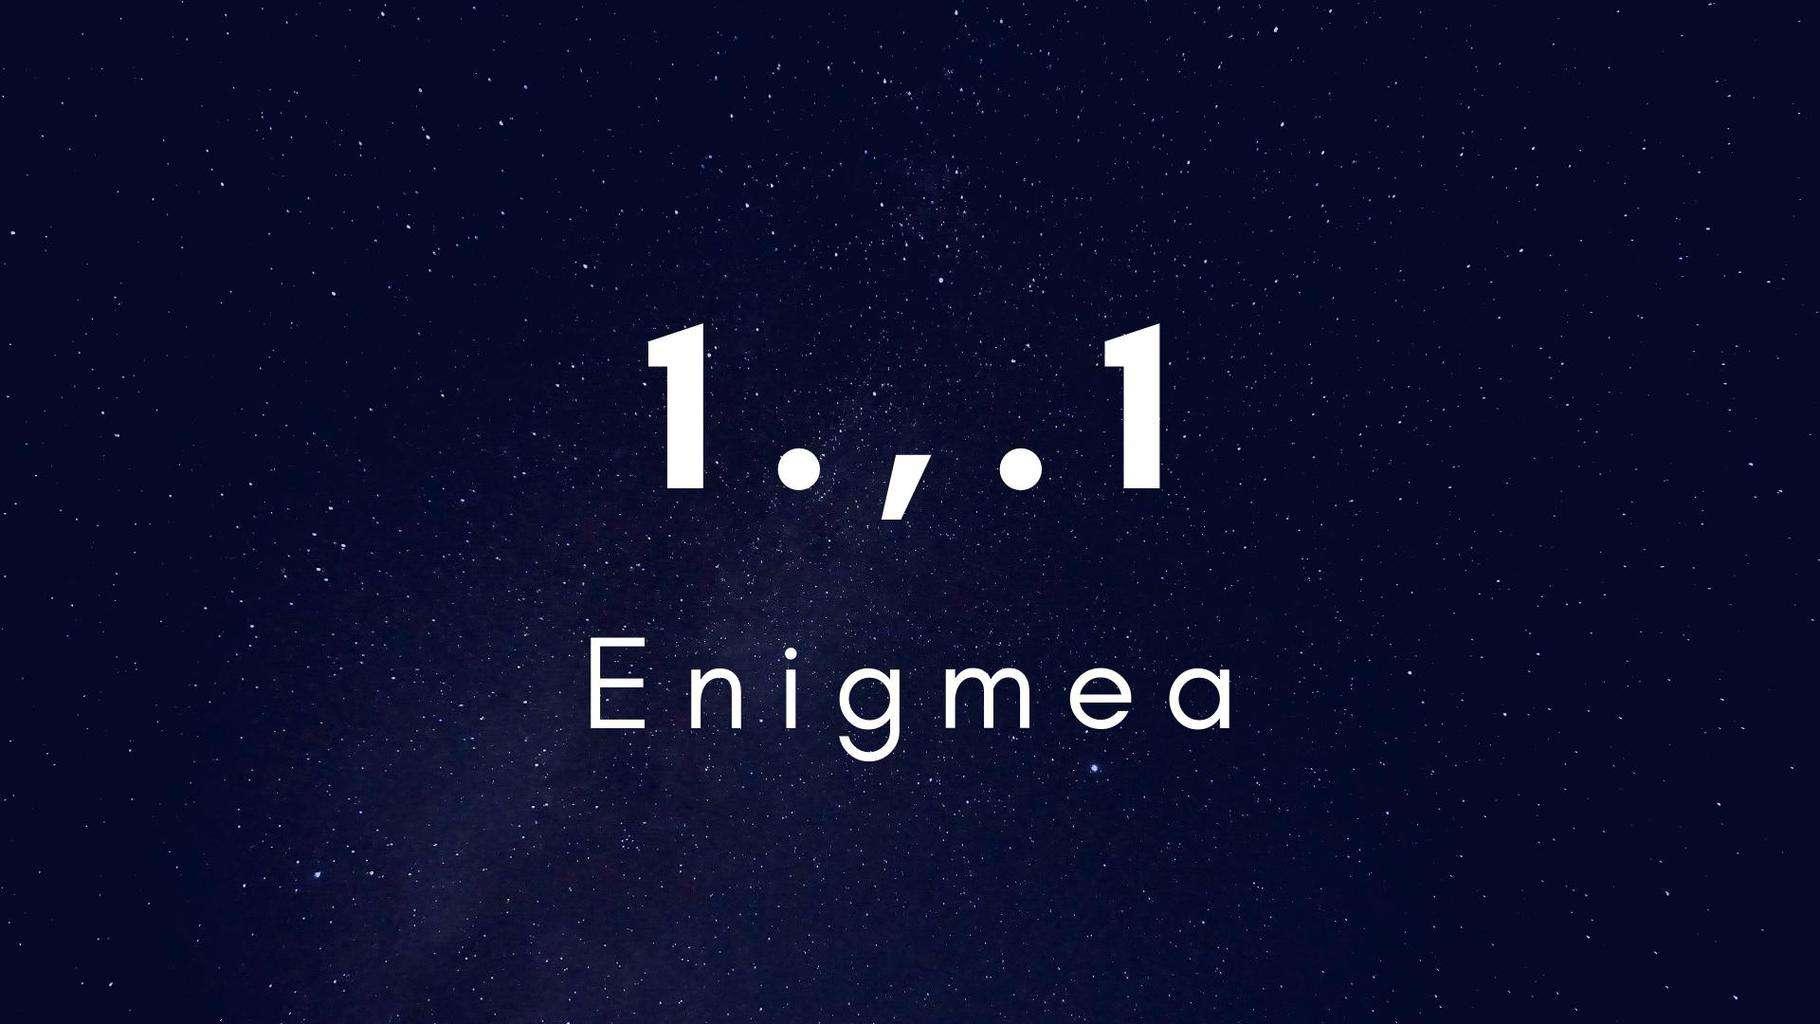 Enigmea, site d'énigmes éphémères (énigme)